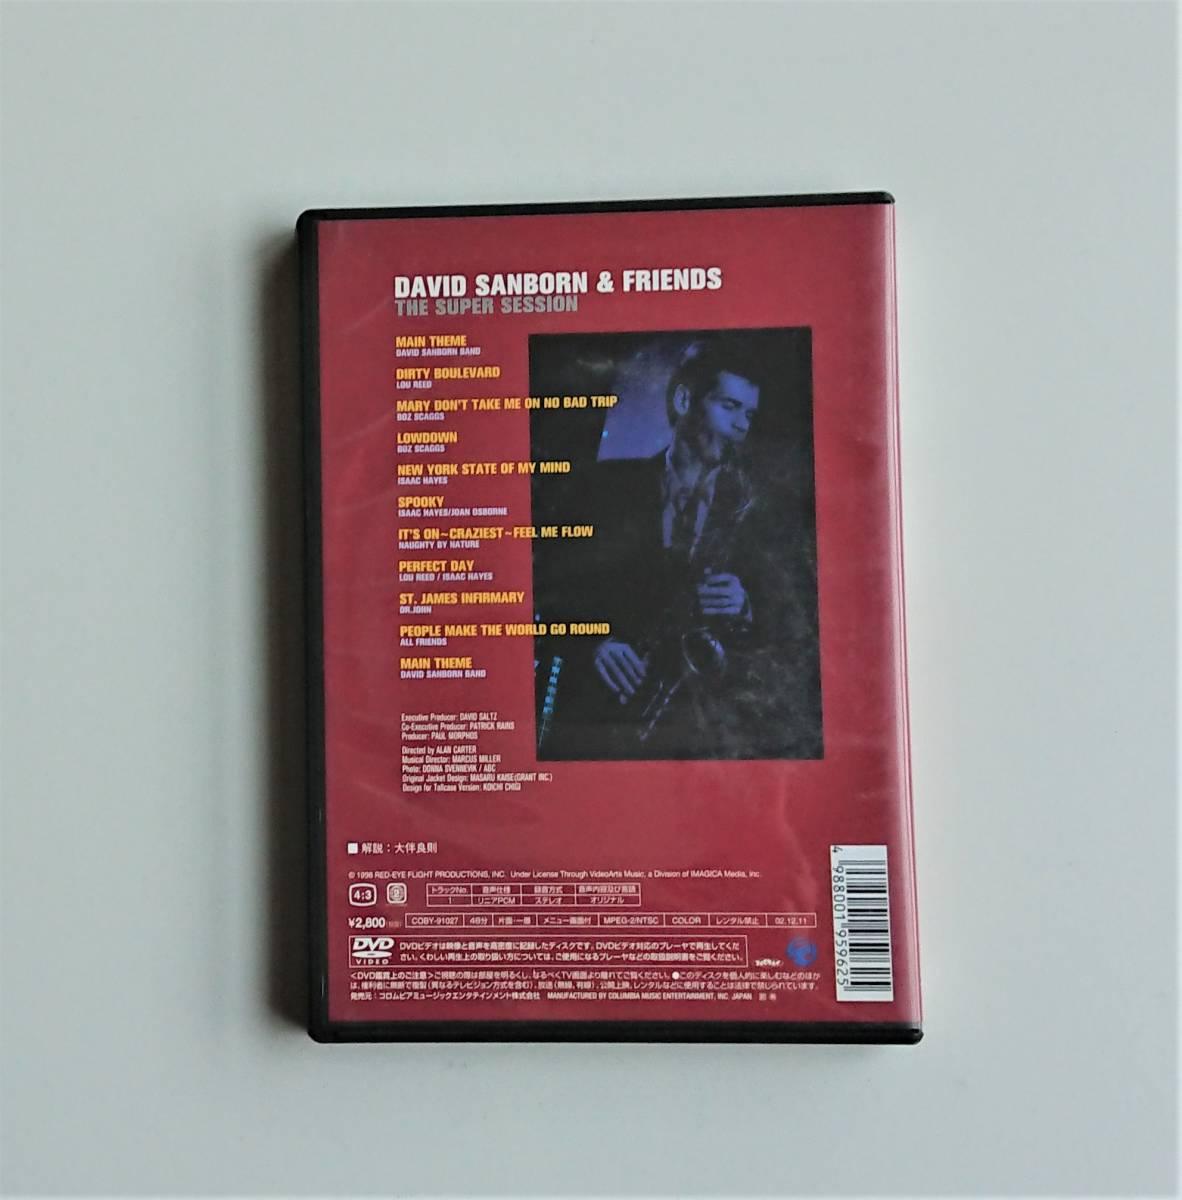 デイヴィッド・サンボーン & フレンズ ザ・スーパー・セッション 1998年国内盤 David Sanborn & Friends The Super Session_画像3